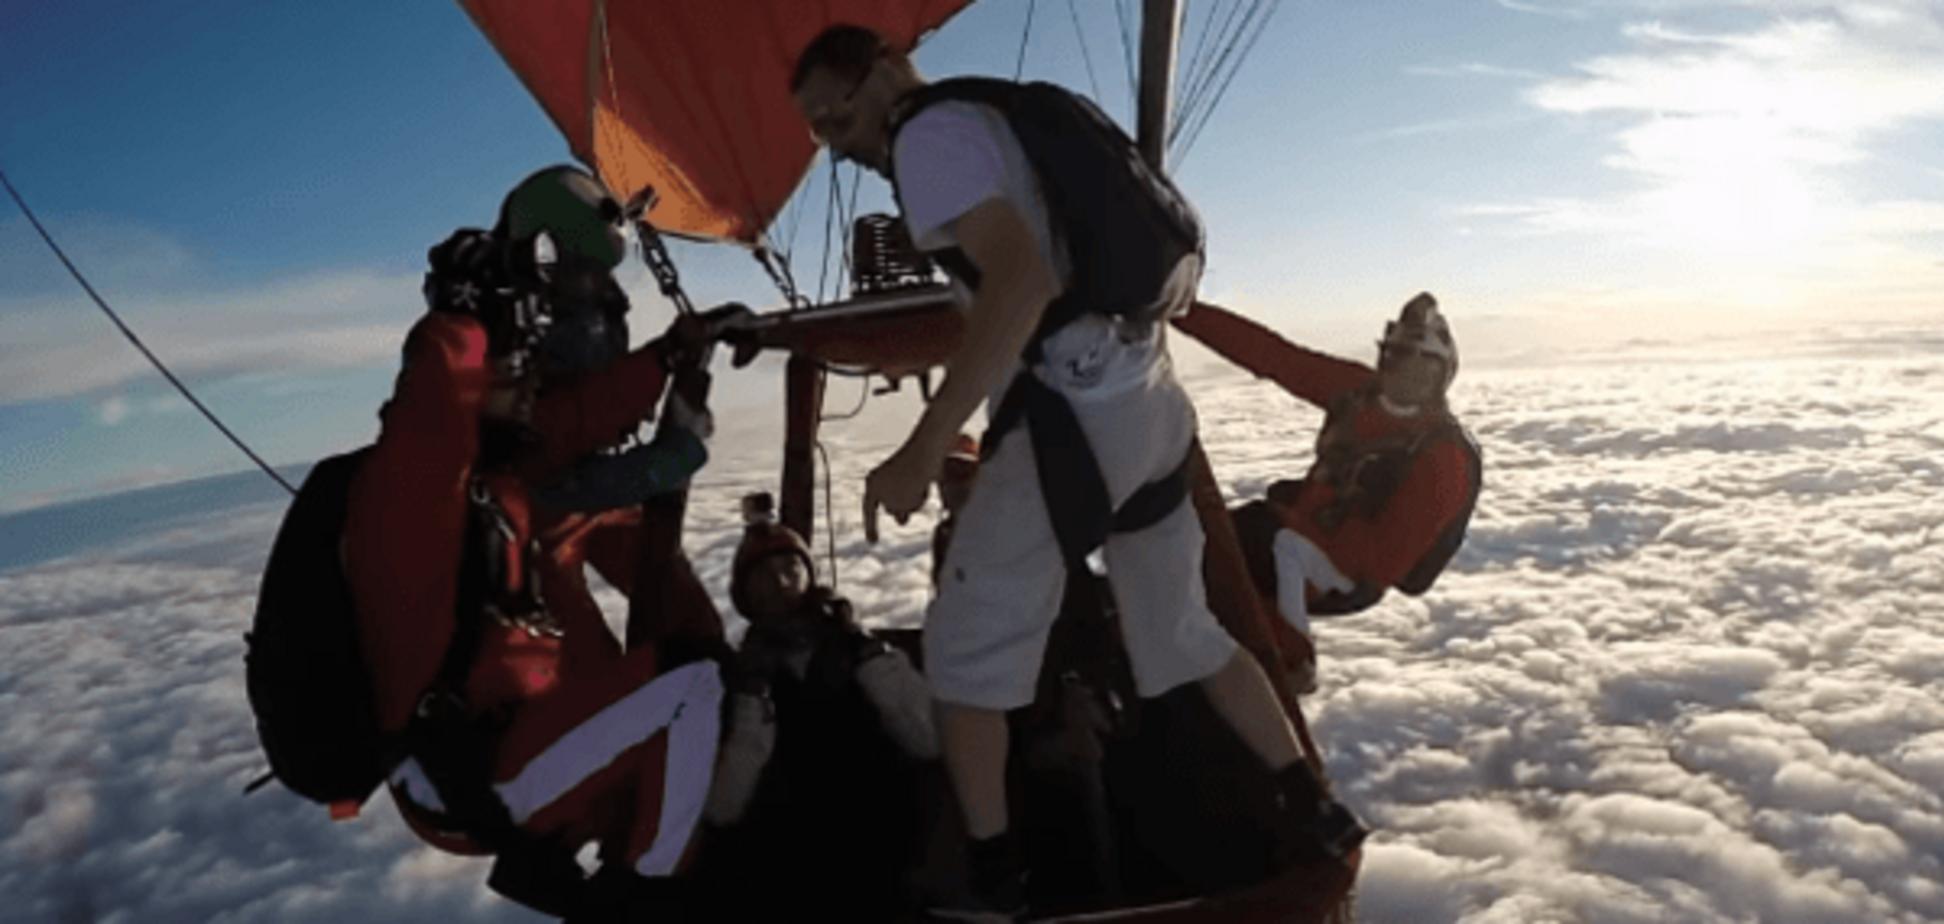 Знаменитий екстремал напівголим і без парашута стрибнув з висоти 4000 метрів